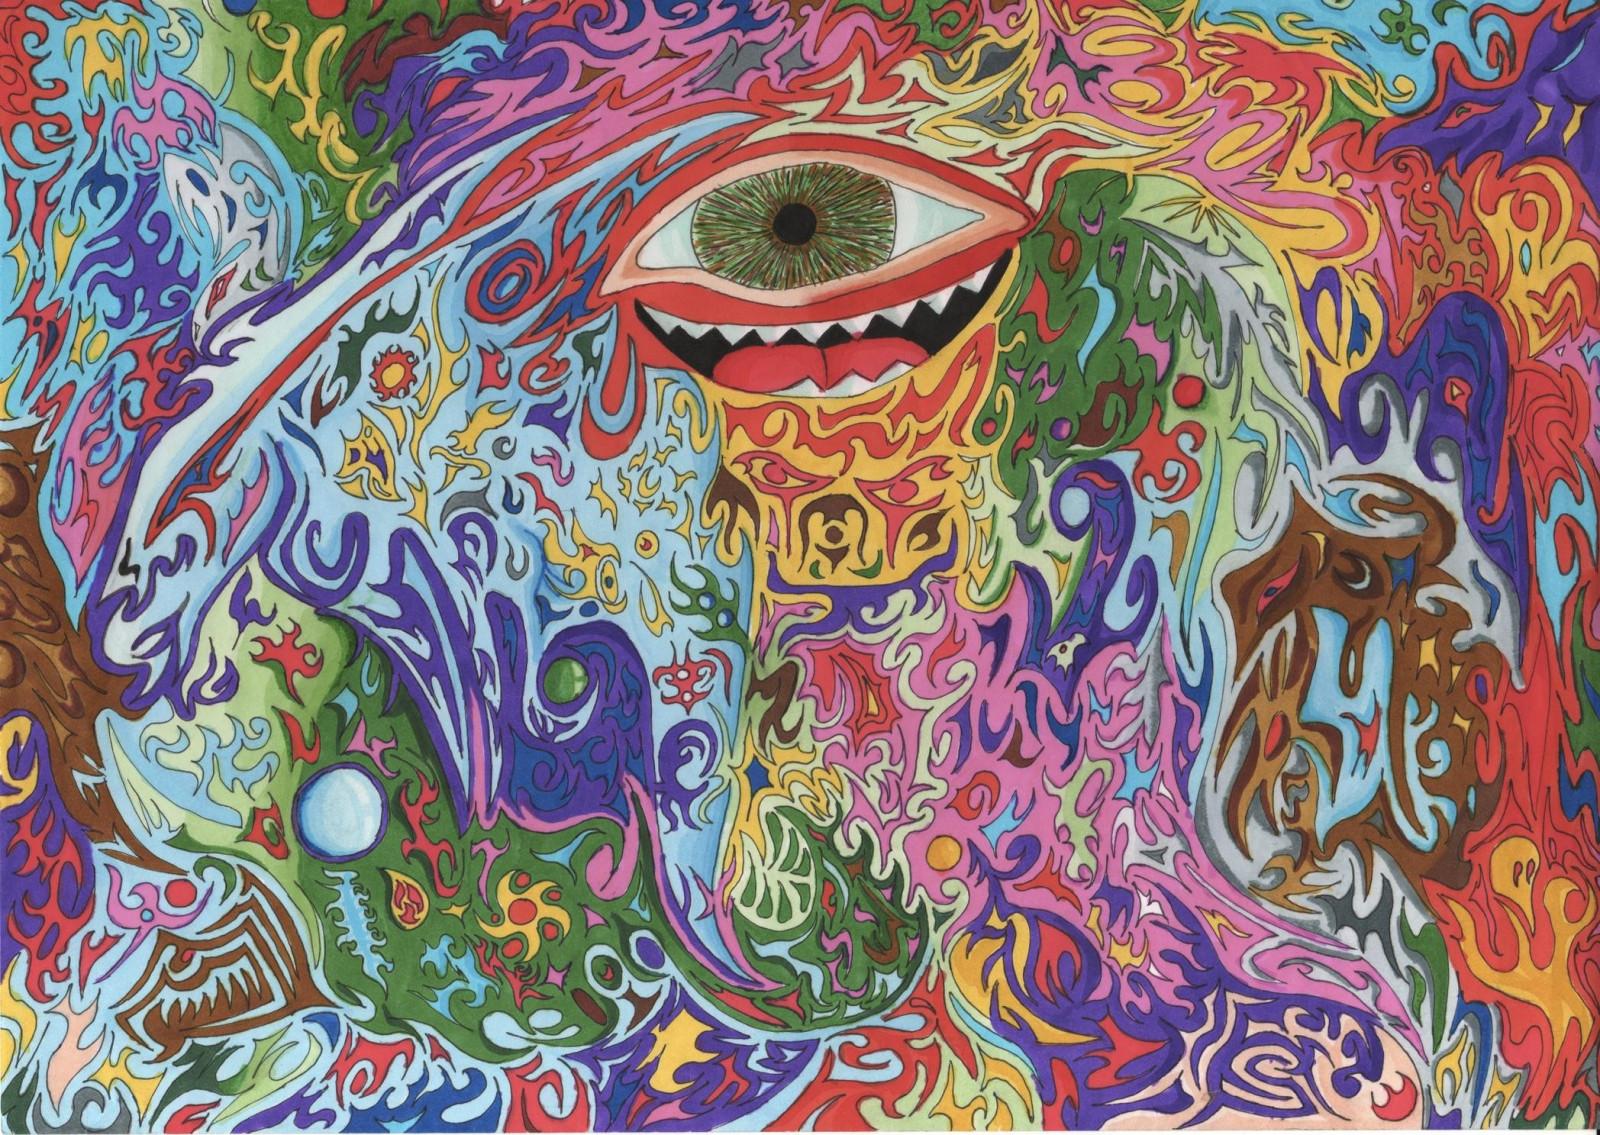 Психоделически открытки